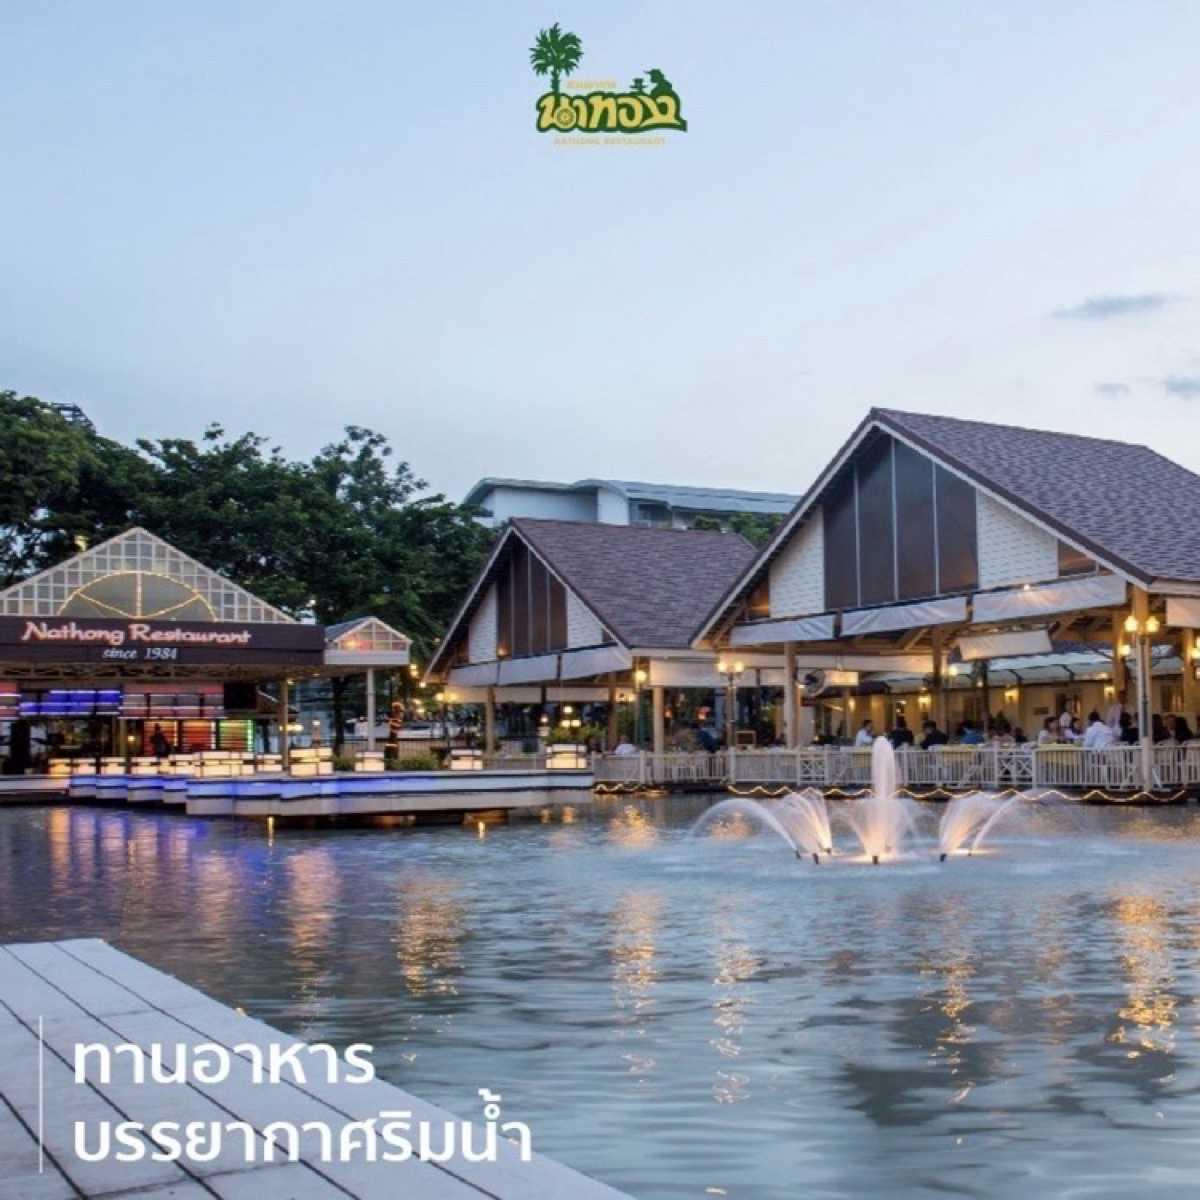 นาทอง Restaurant (Nathong Restaurant) : กรุงเทพ (Bangkok)